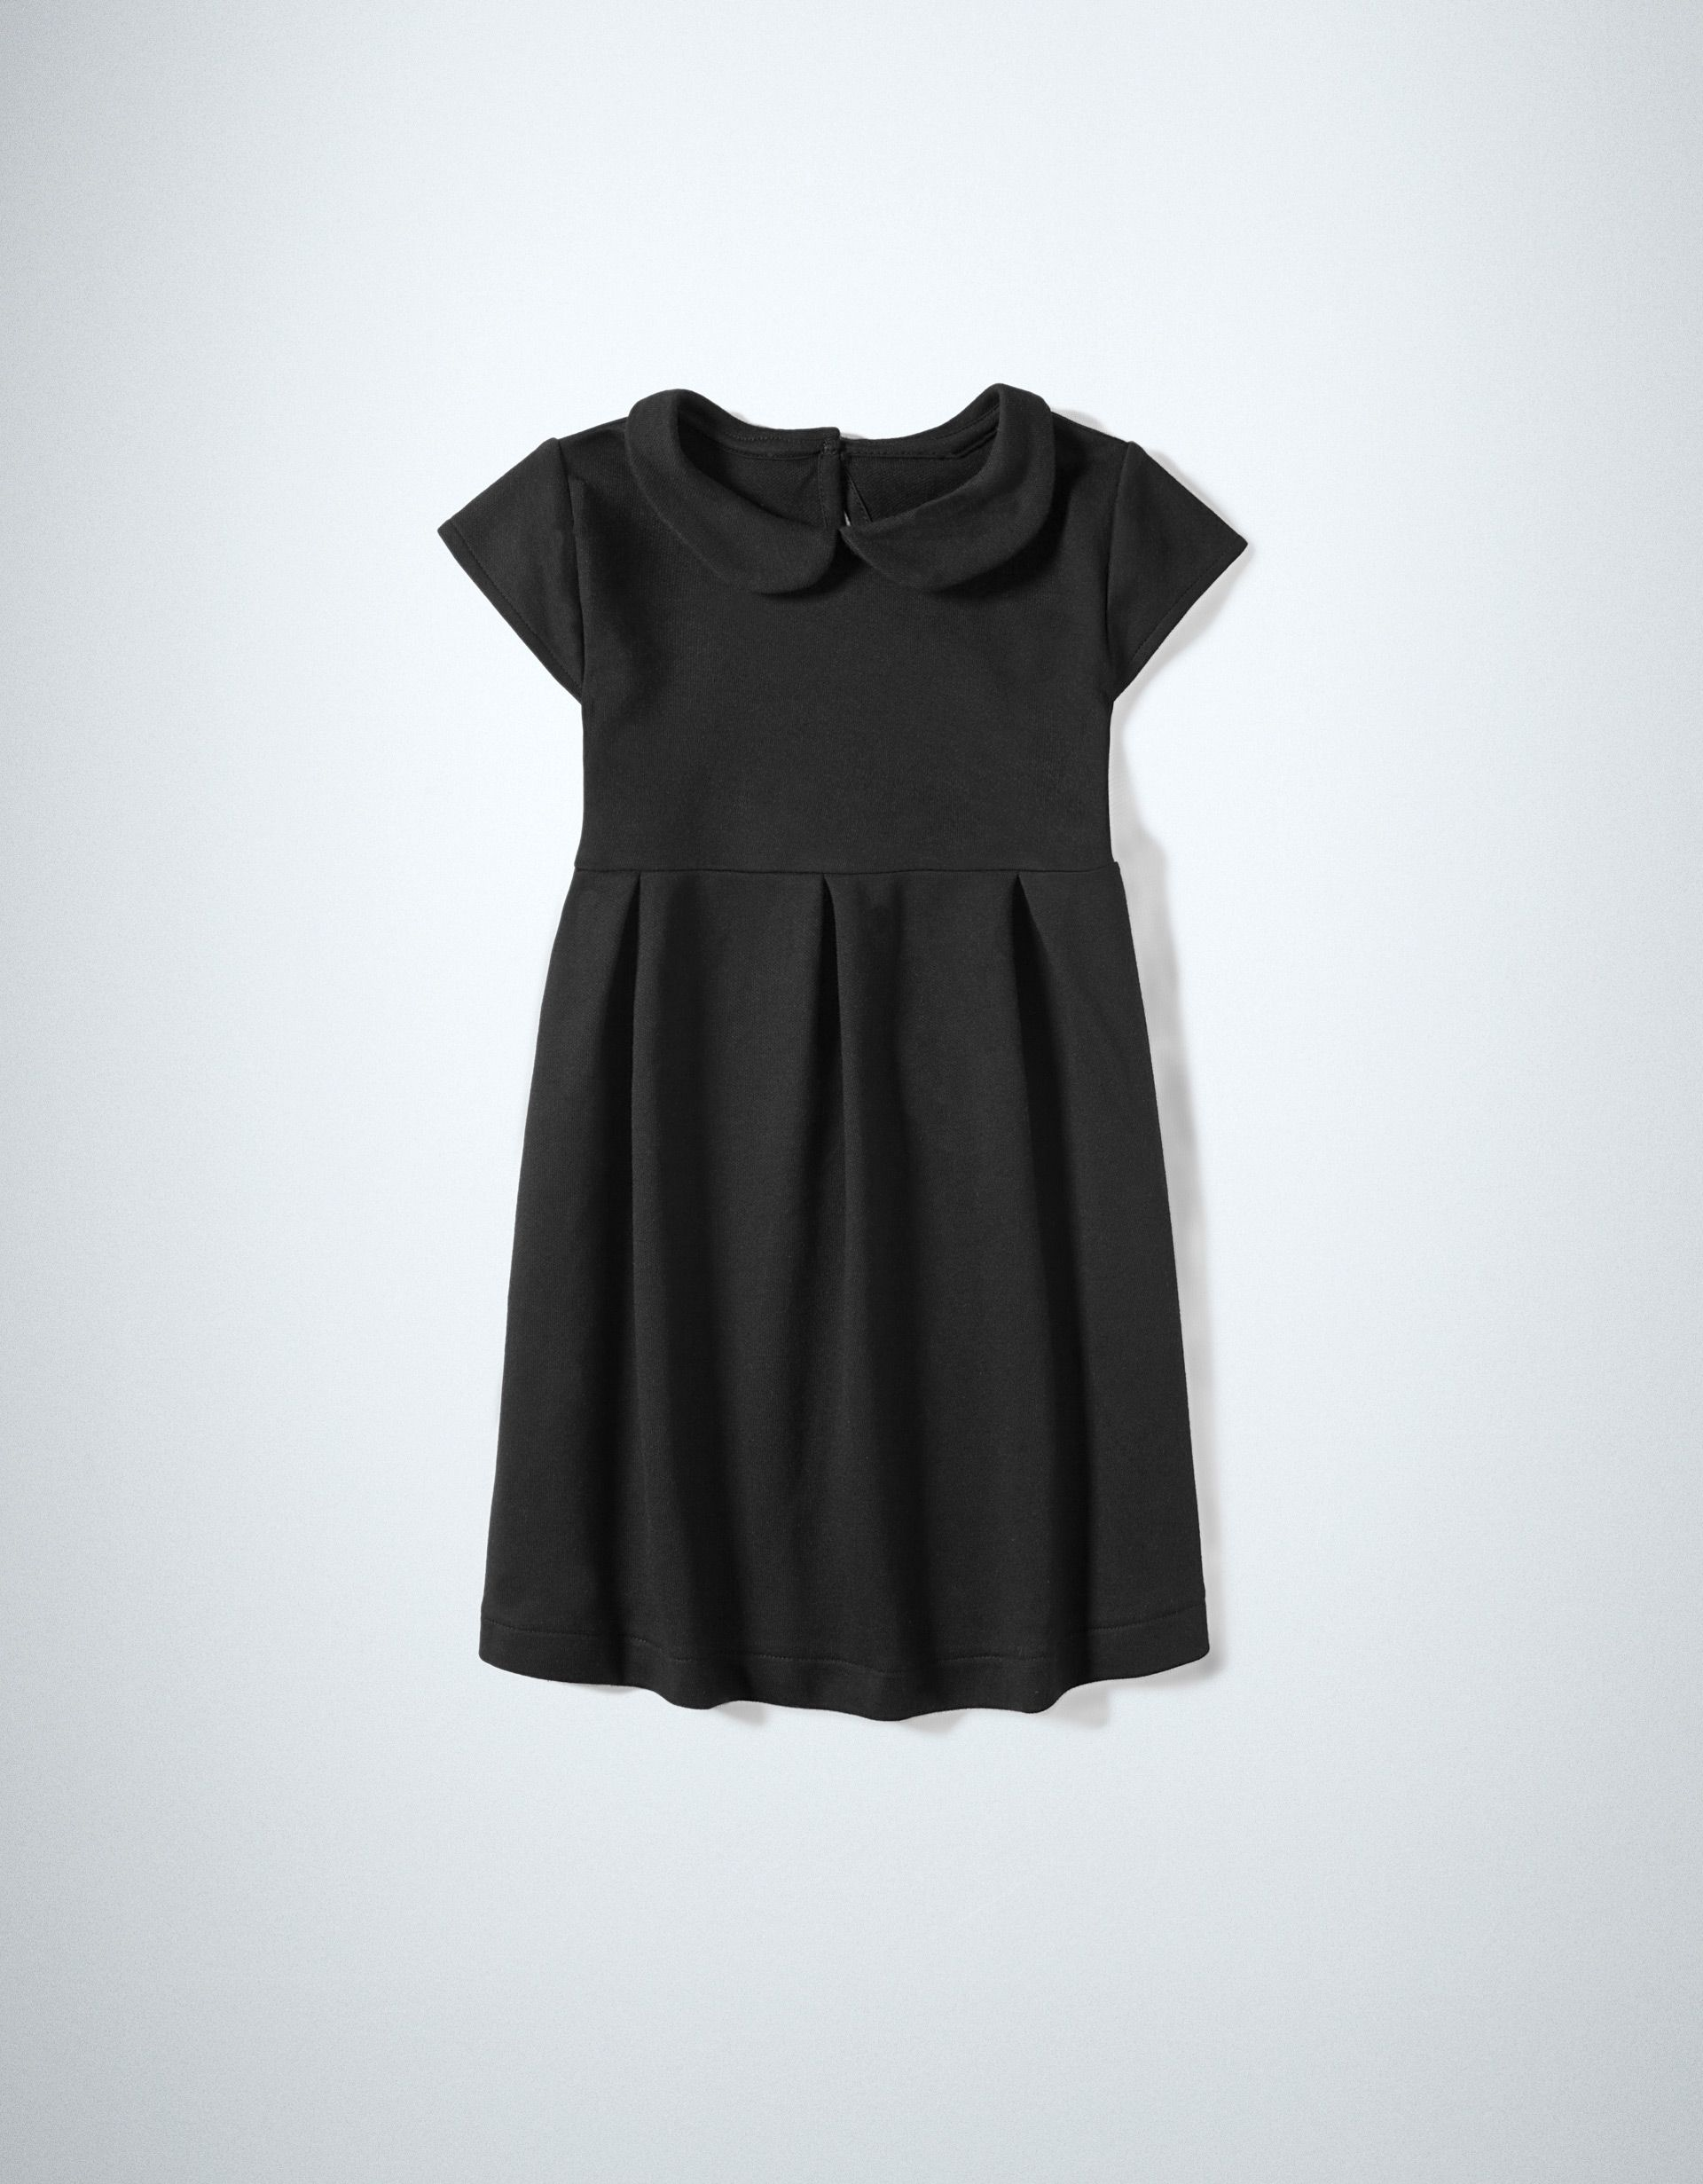 4fc9294d466 robe col claudine zara. Je veux voir plus de vêtements pour femmes biens  notés par les internautes et pas cher ICI